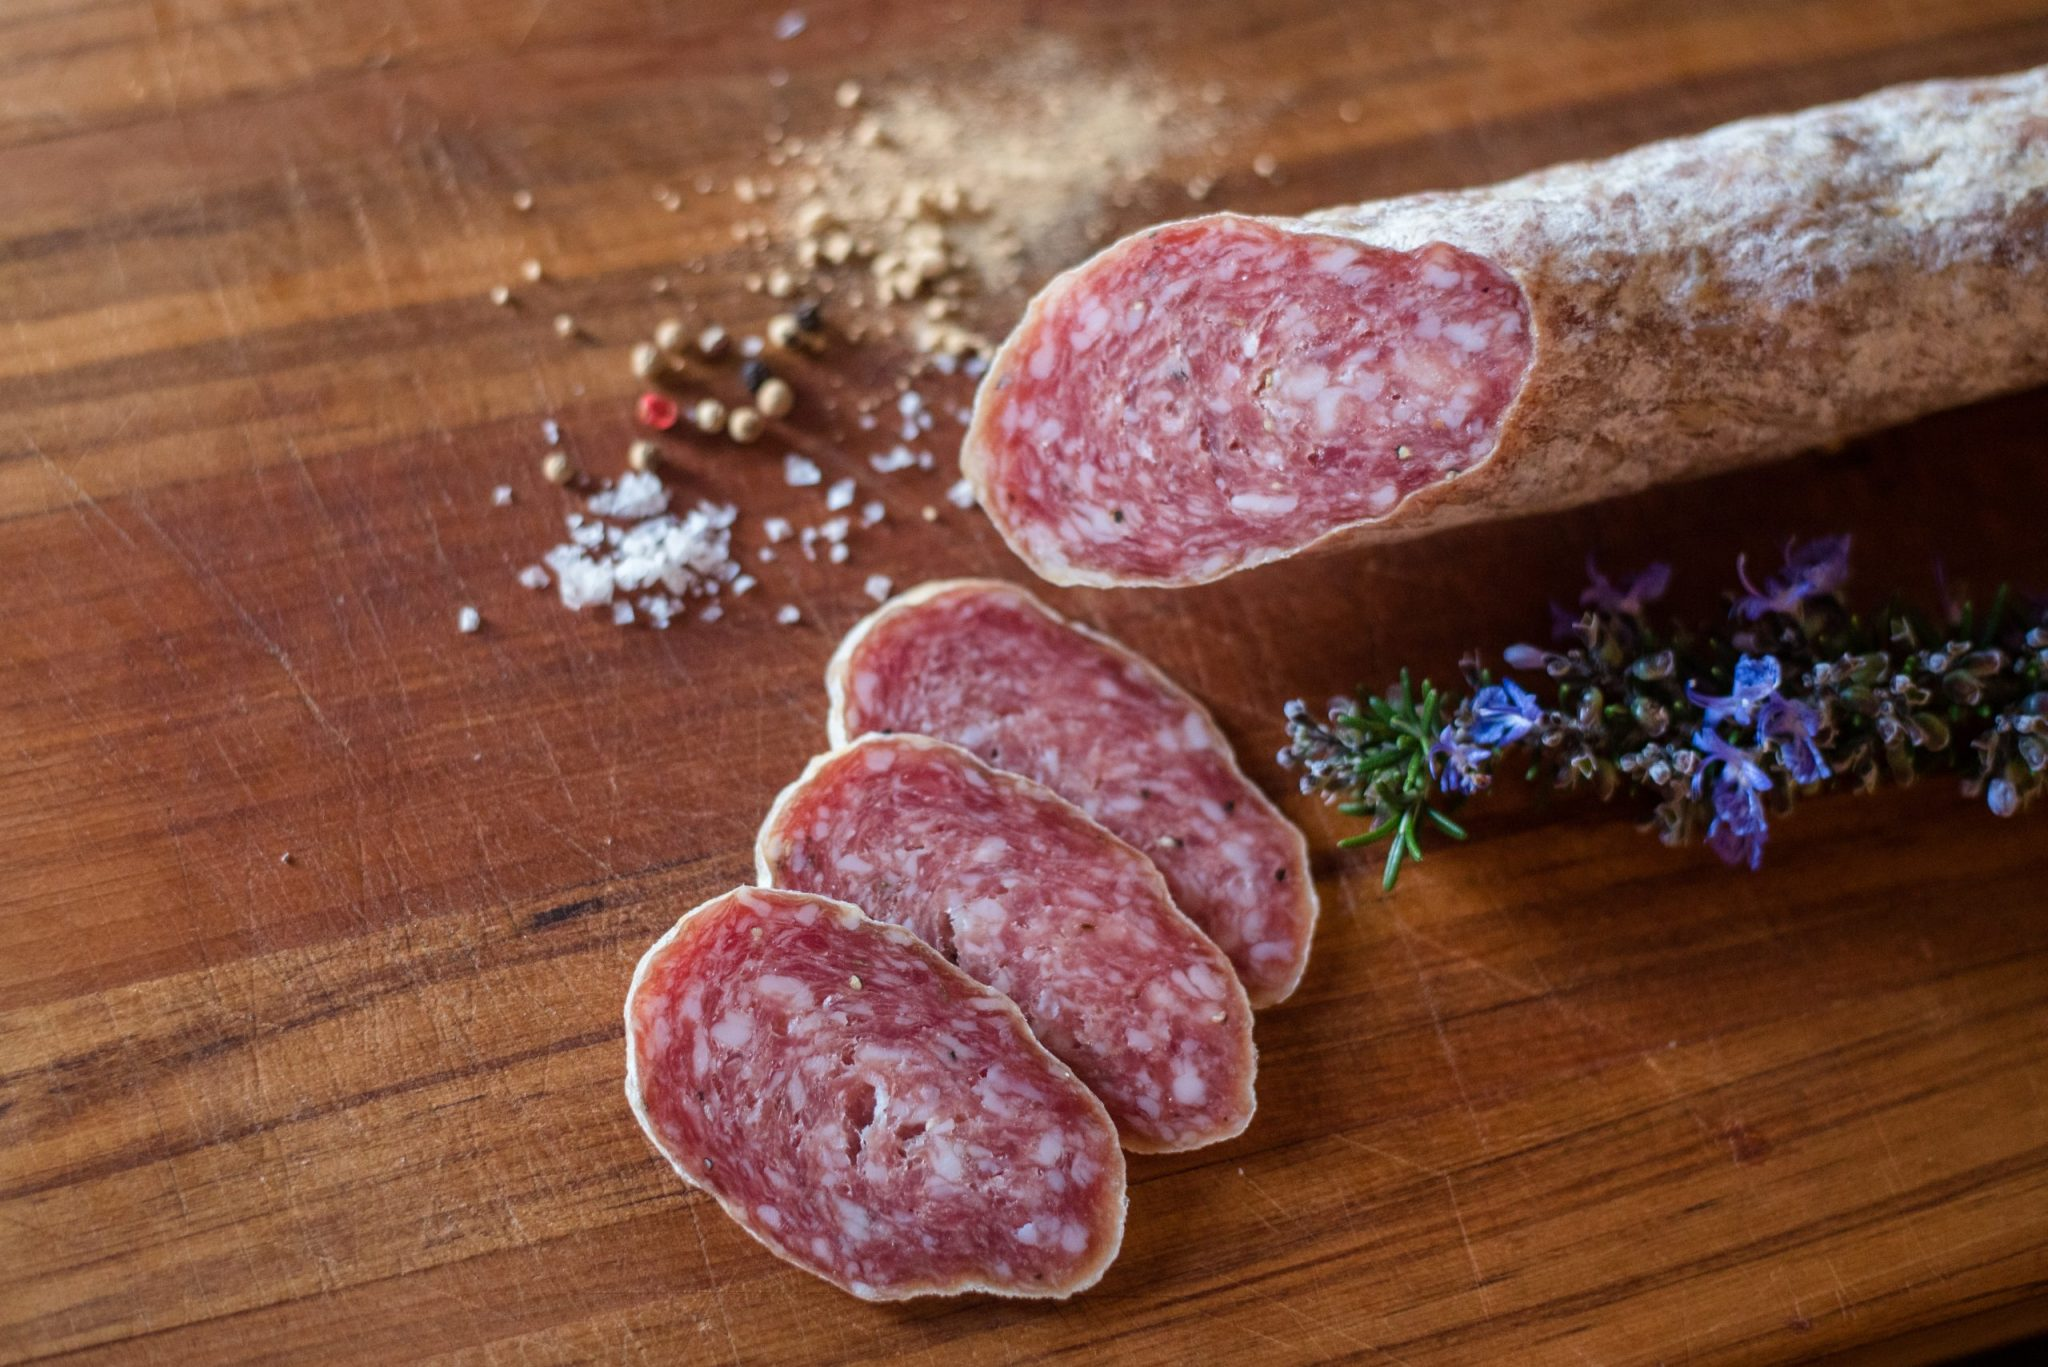 A photo of salami